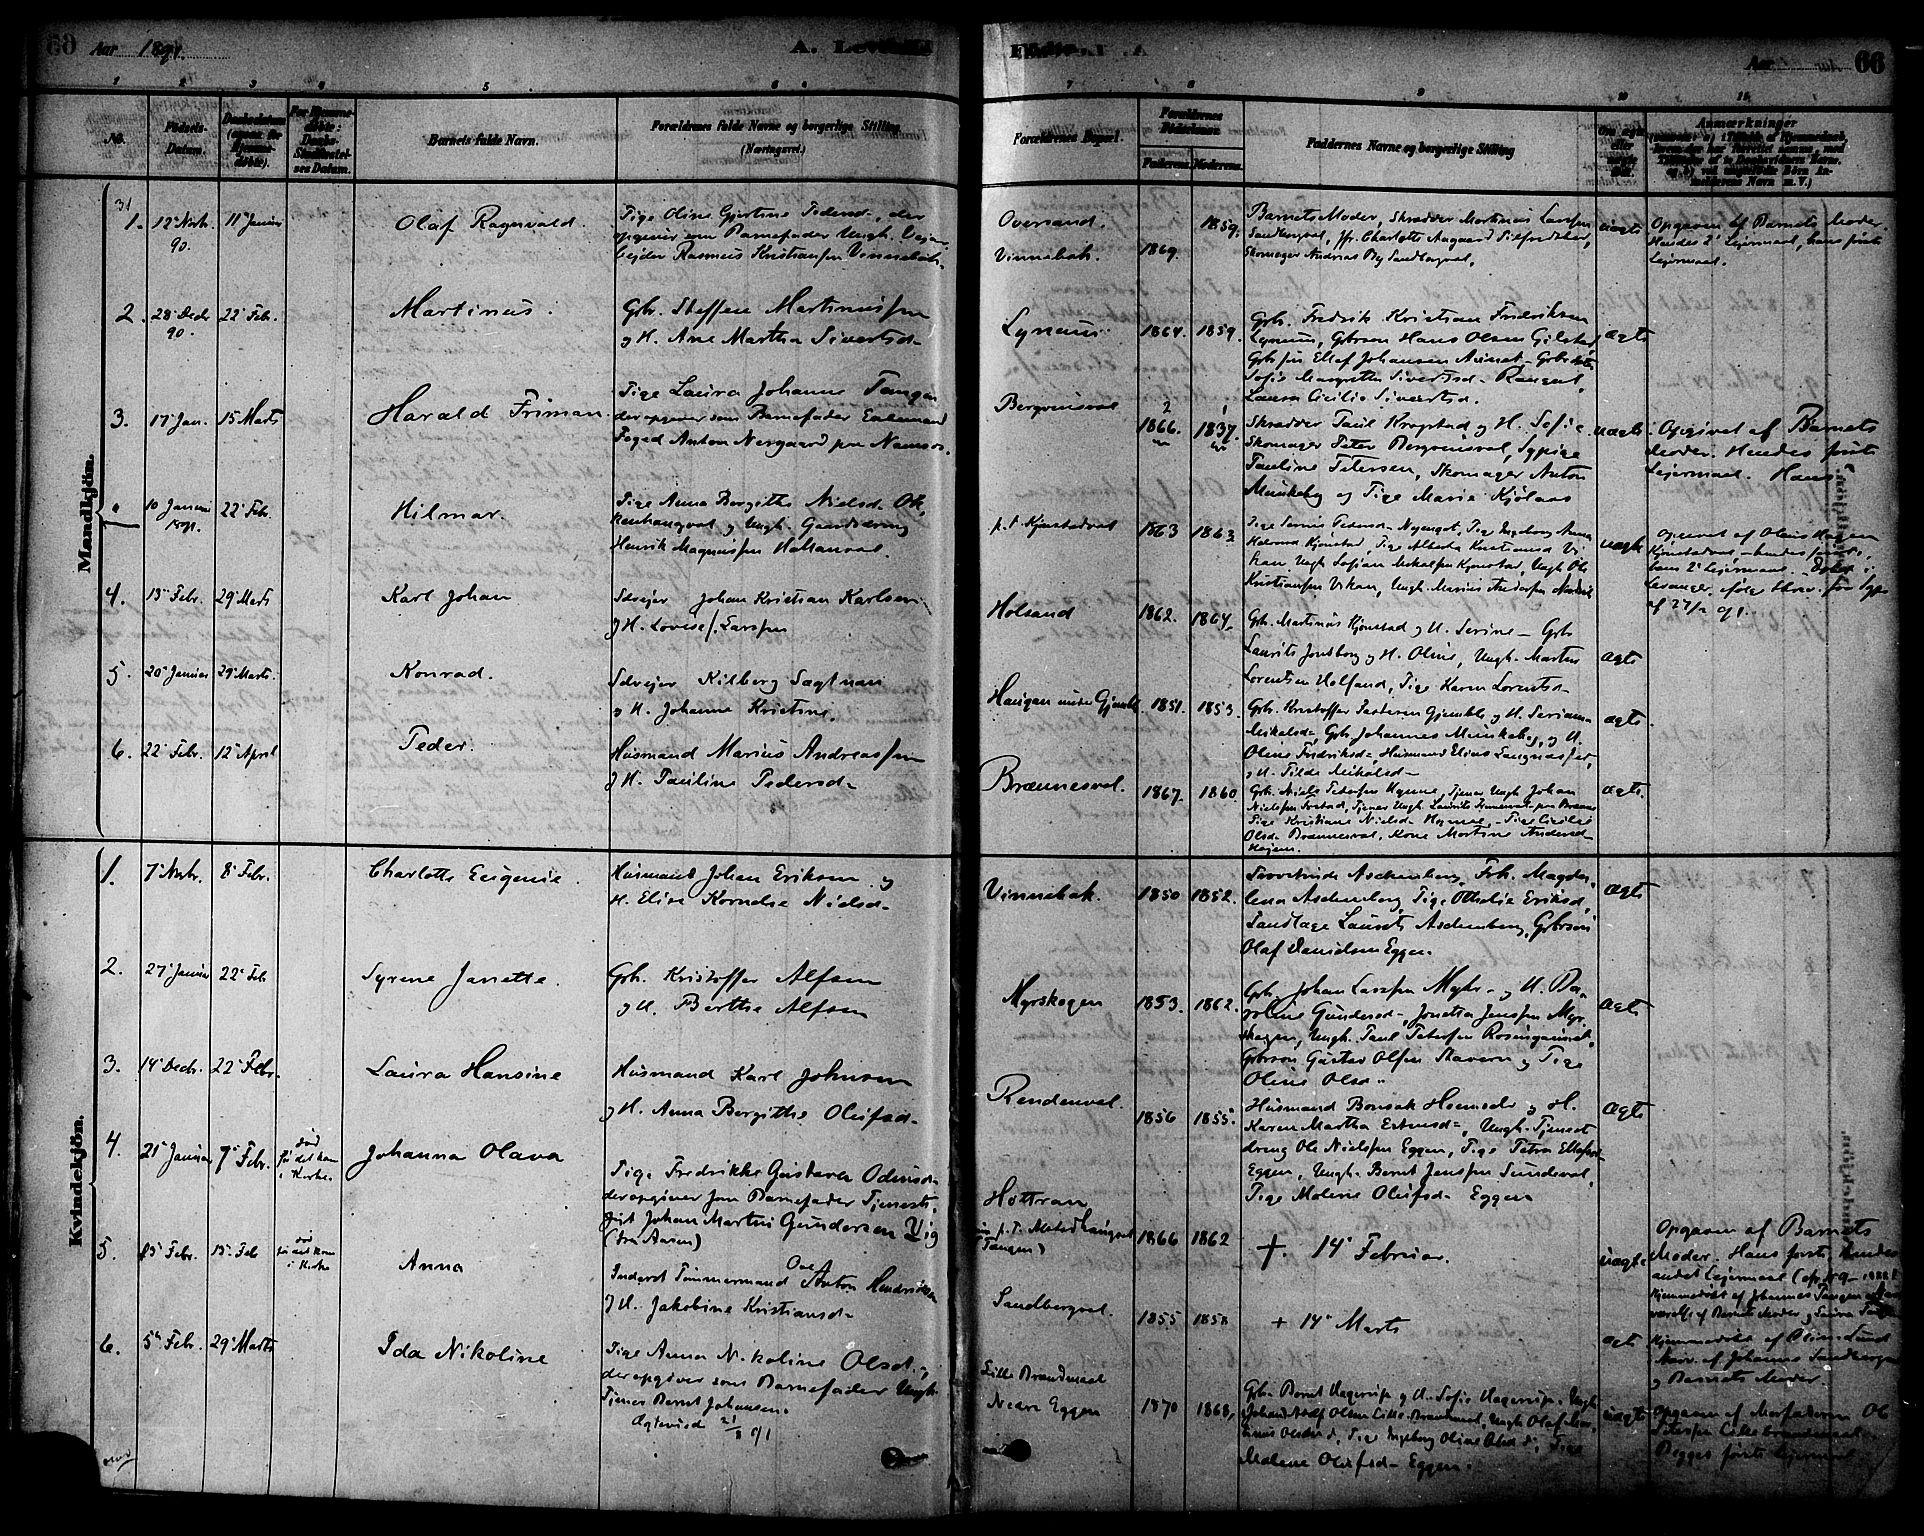 SAT, Ministerialprotokoller, klokkerbøker og fødselsregistre - Nord-Trøndelag, 717/L0159: Ministerialbok nr. 717A09, 1878-1898, s. 66